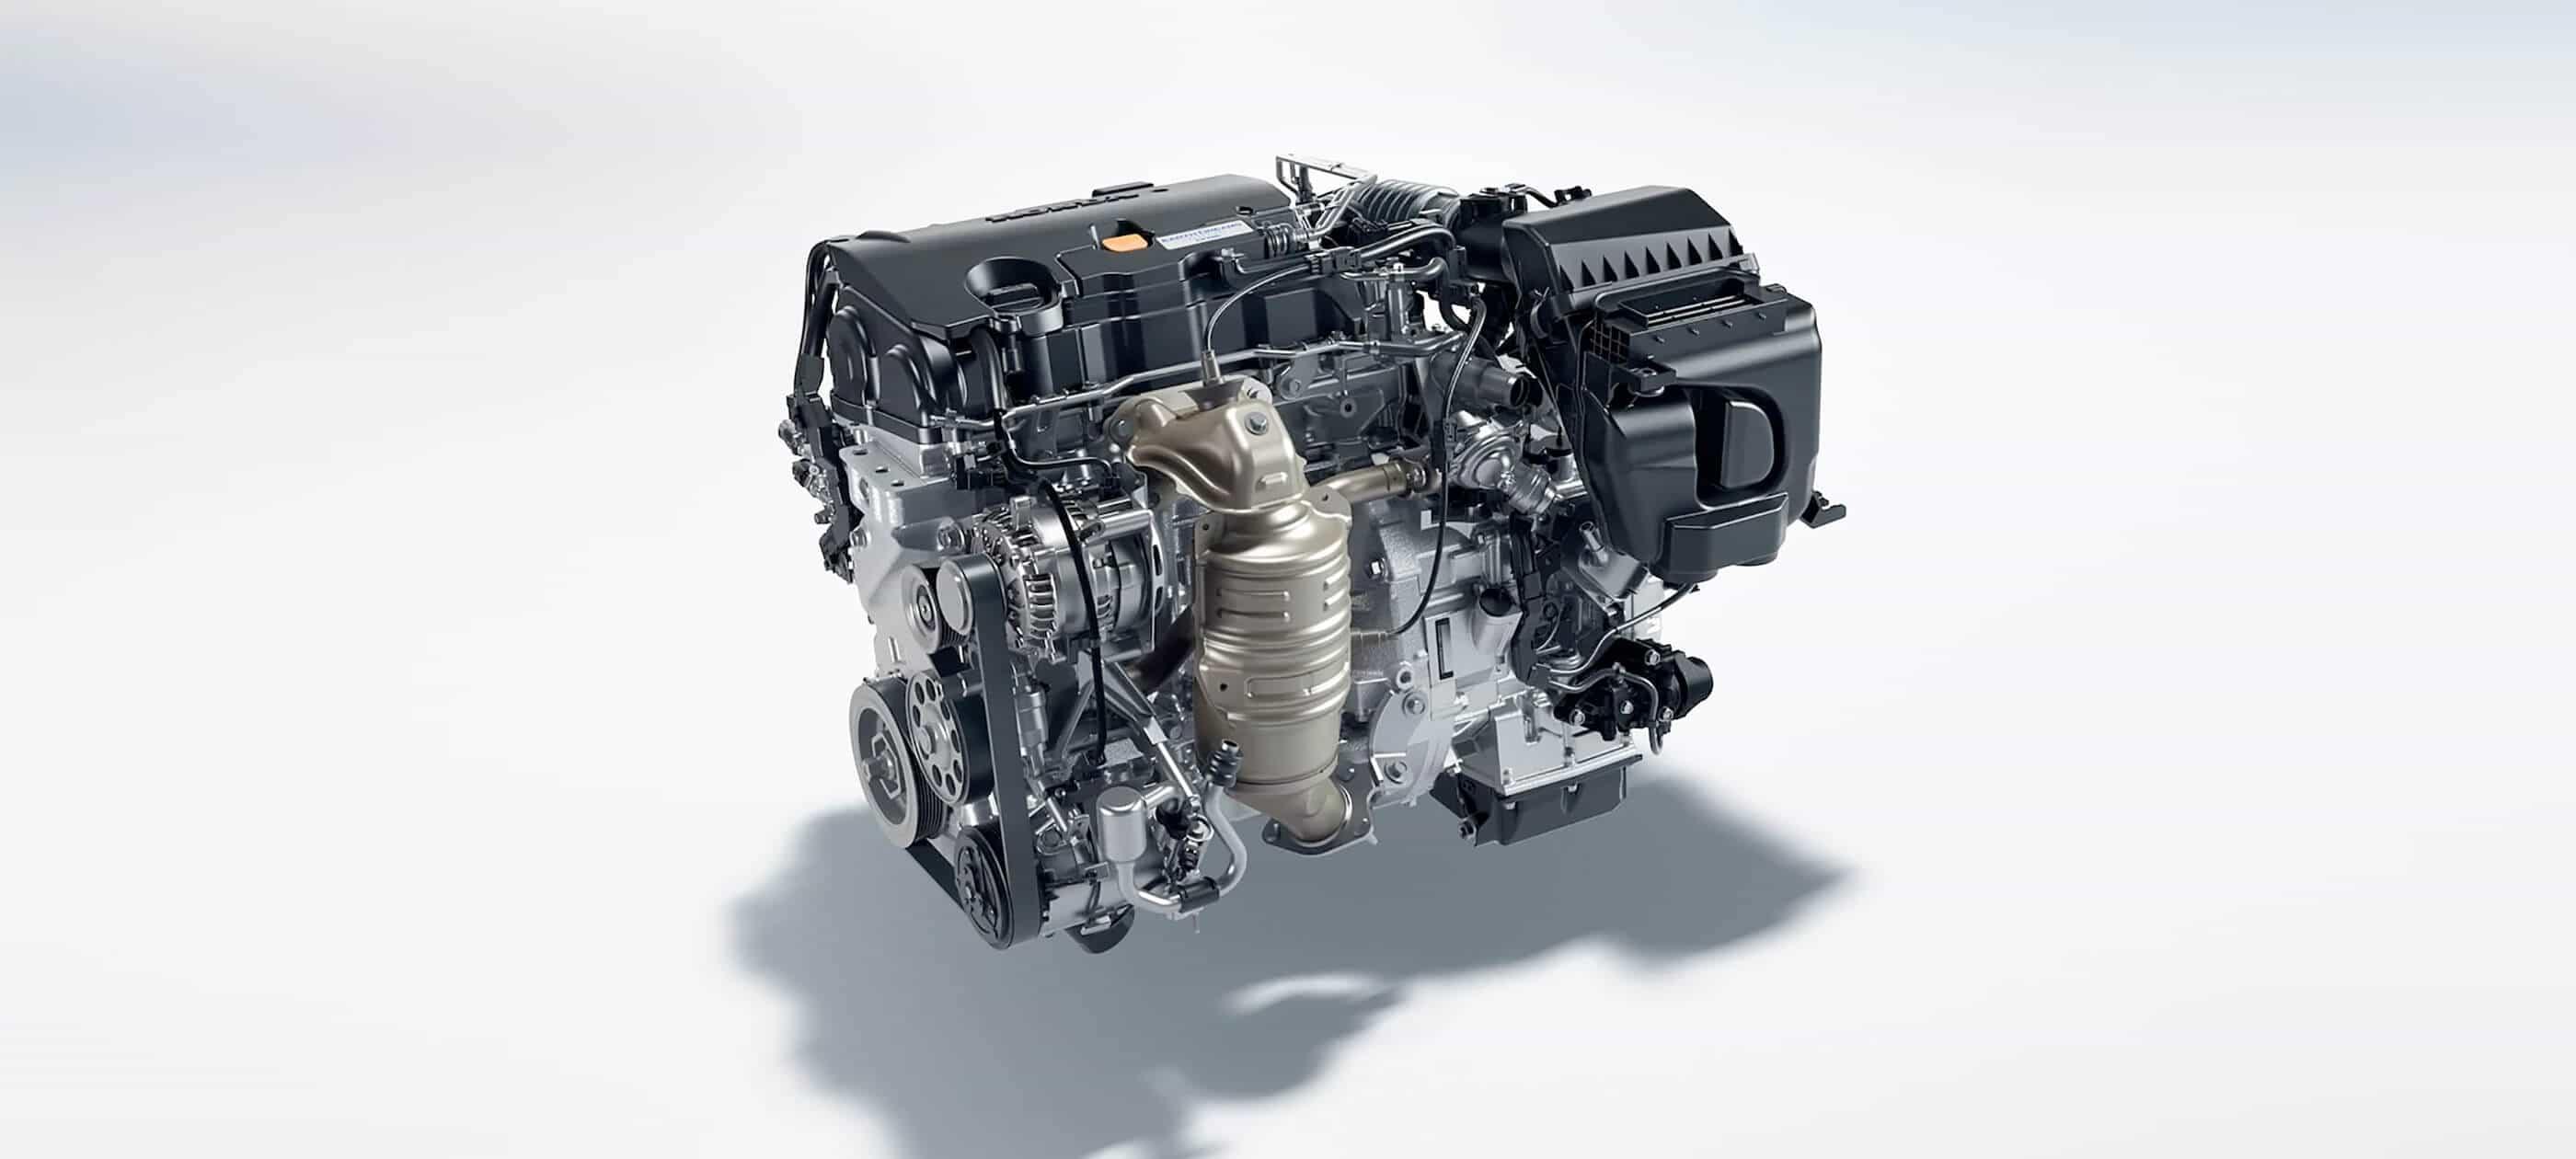 Motor de 158 caballos de fuerza